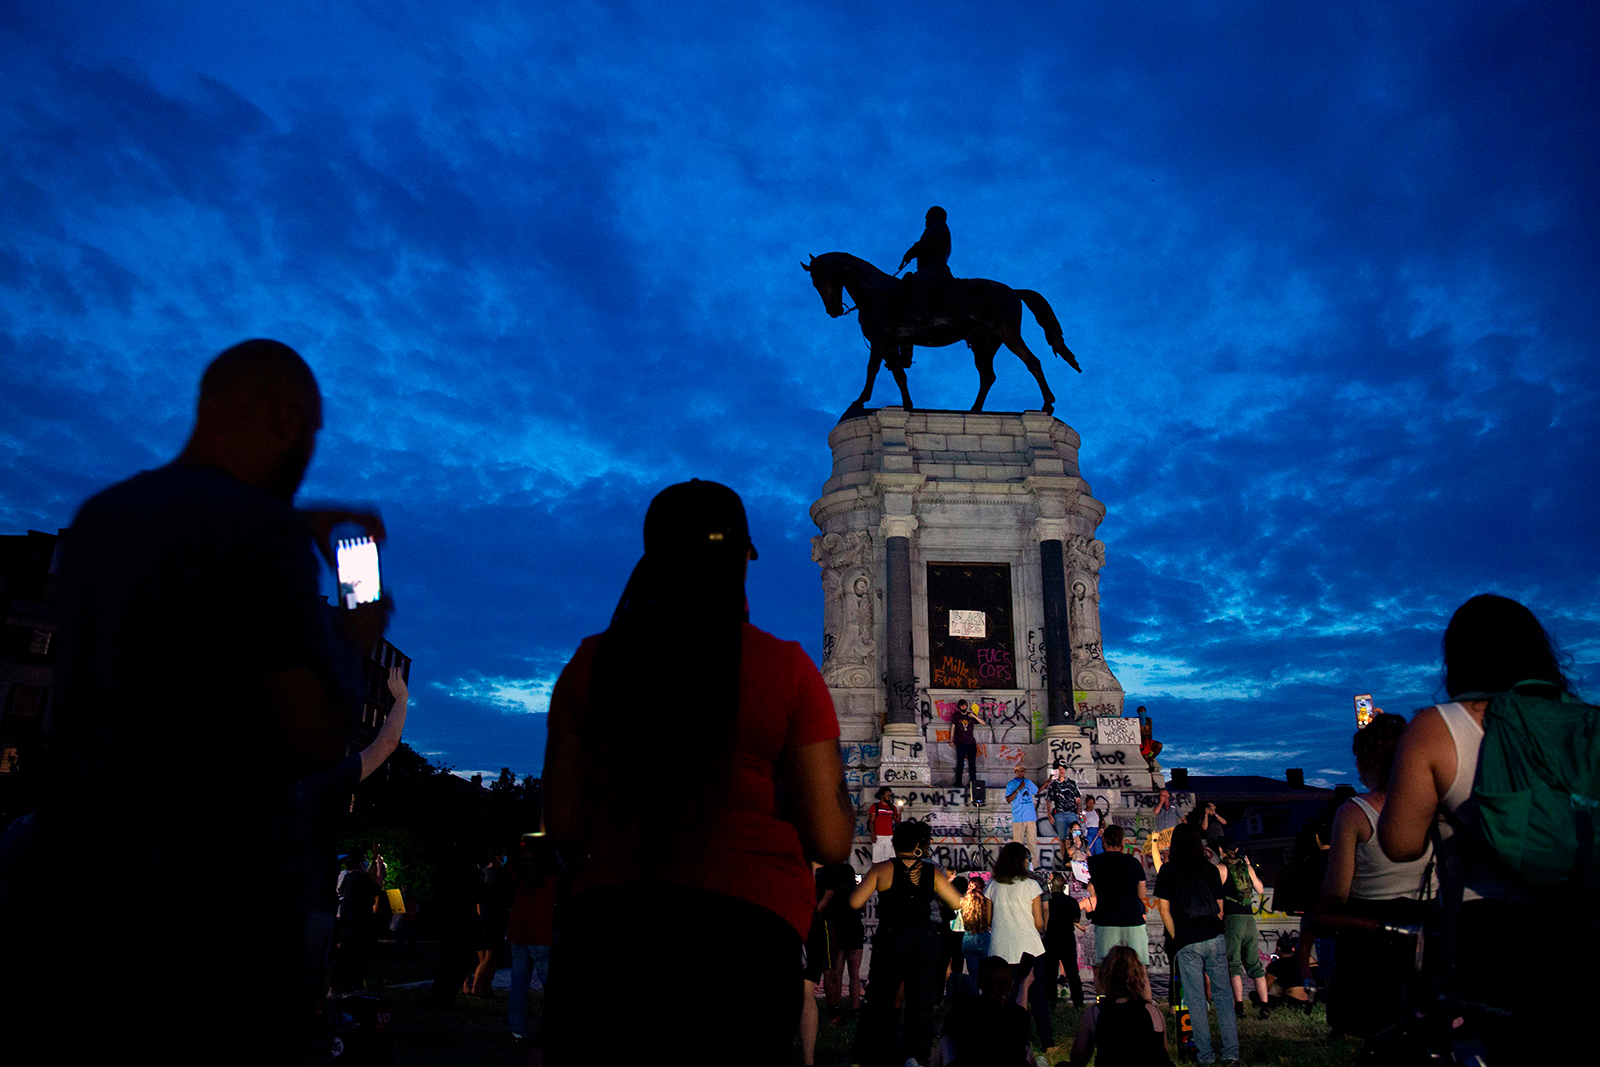 Judge temporarily blocks Virginia attempt to remove Robert E. Lee statue in Richmond